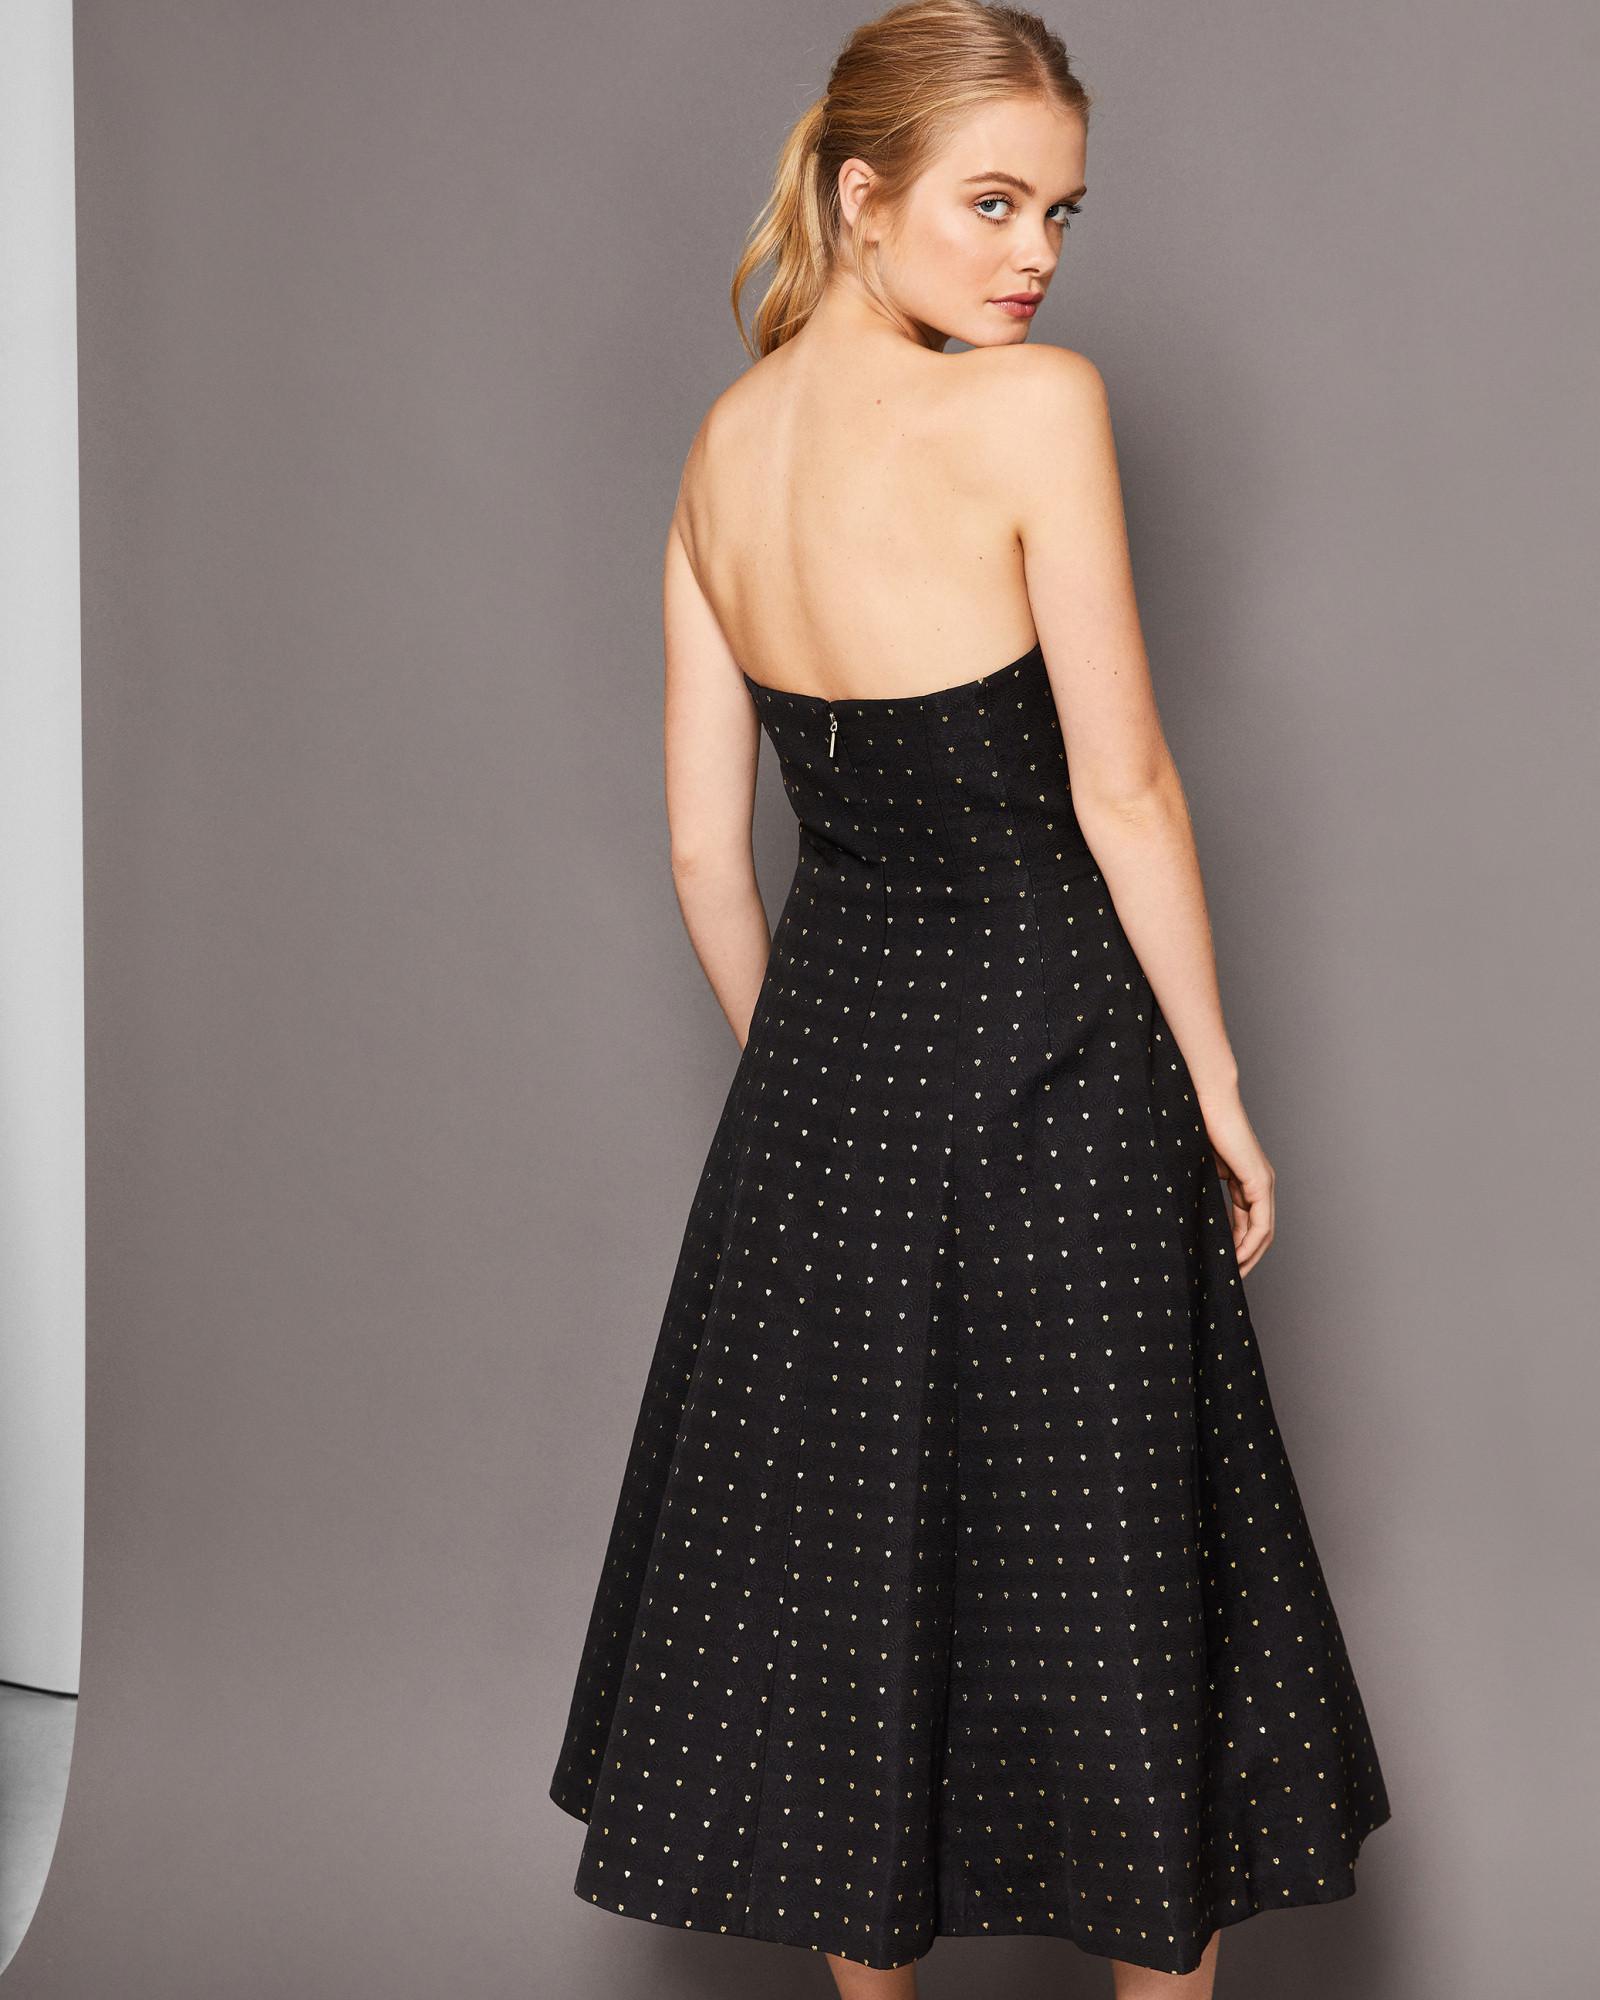 bada4563329c Ted Baker Heart Print Strapless Midi Dress in Black - Lyst